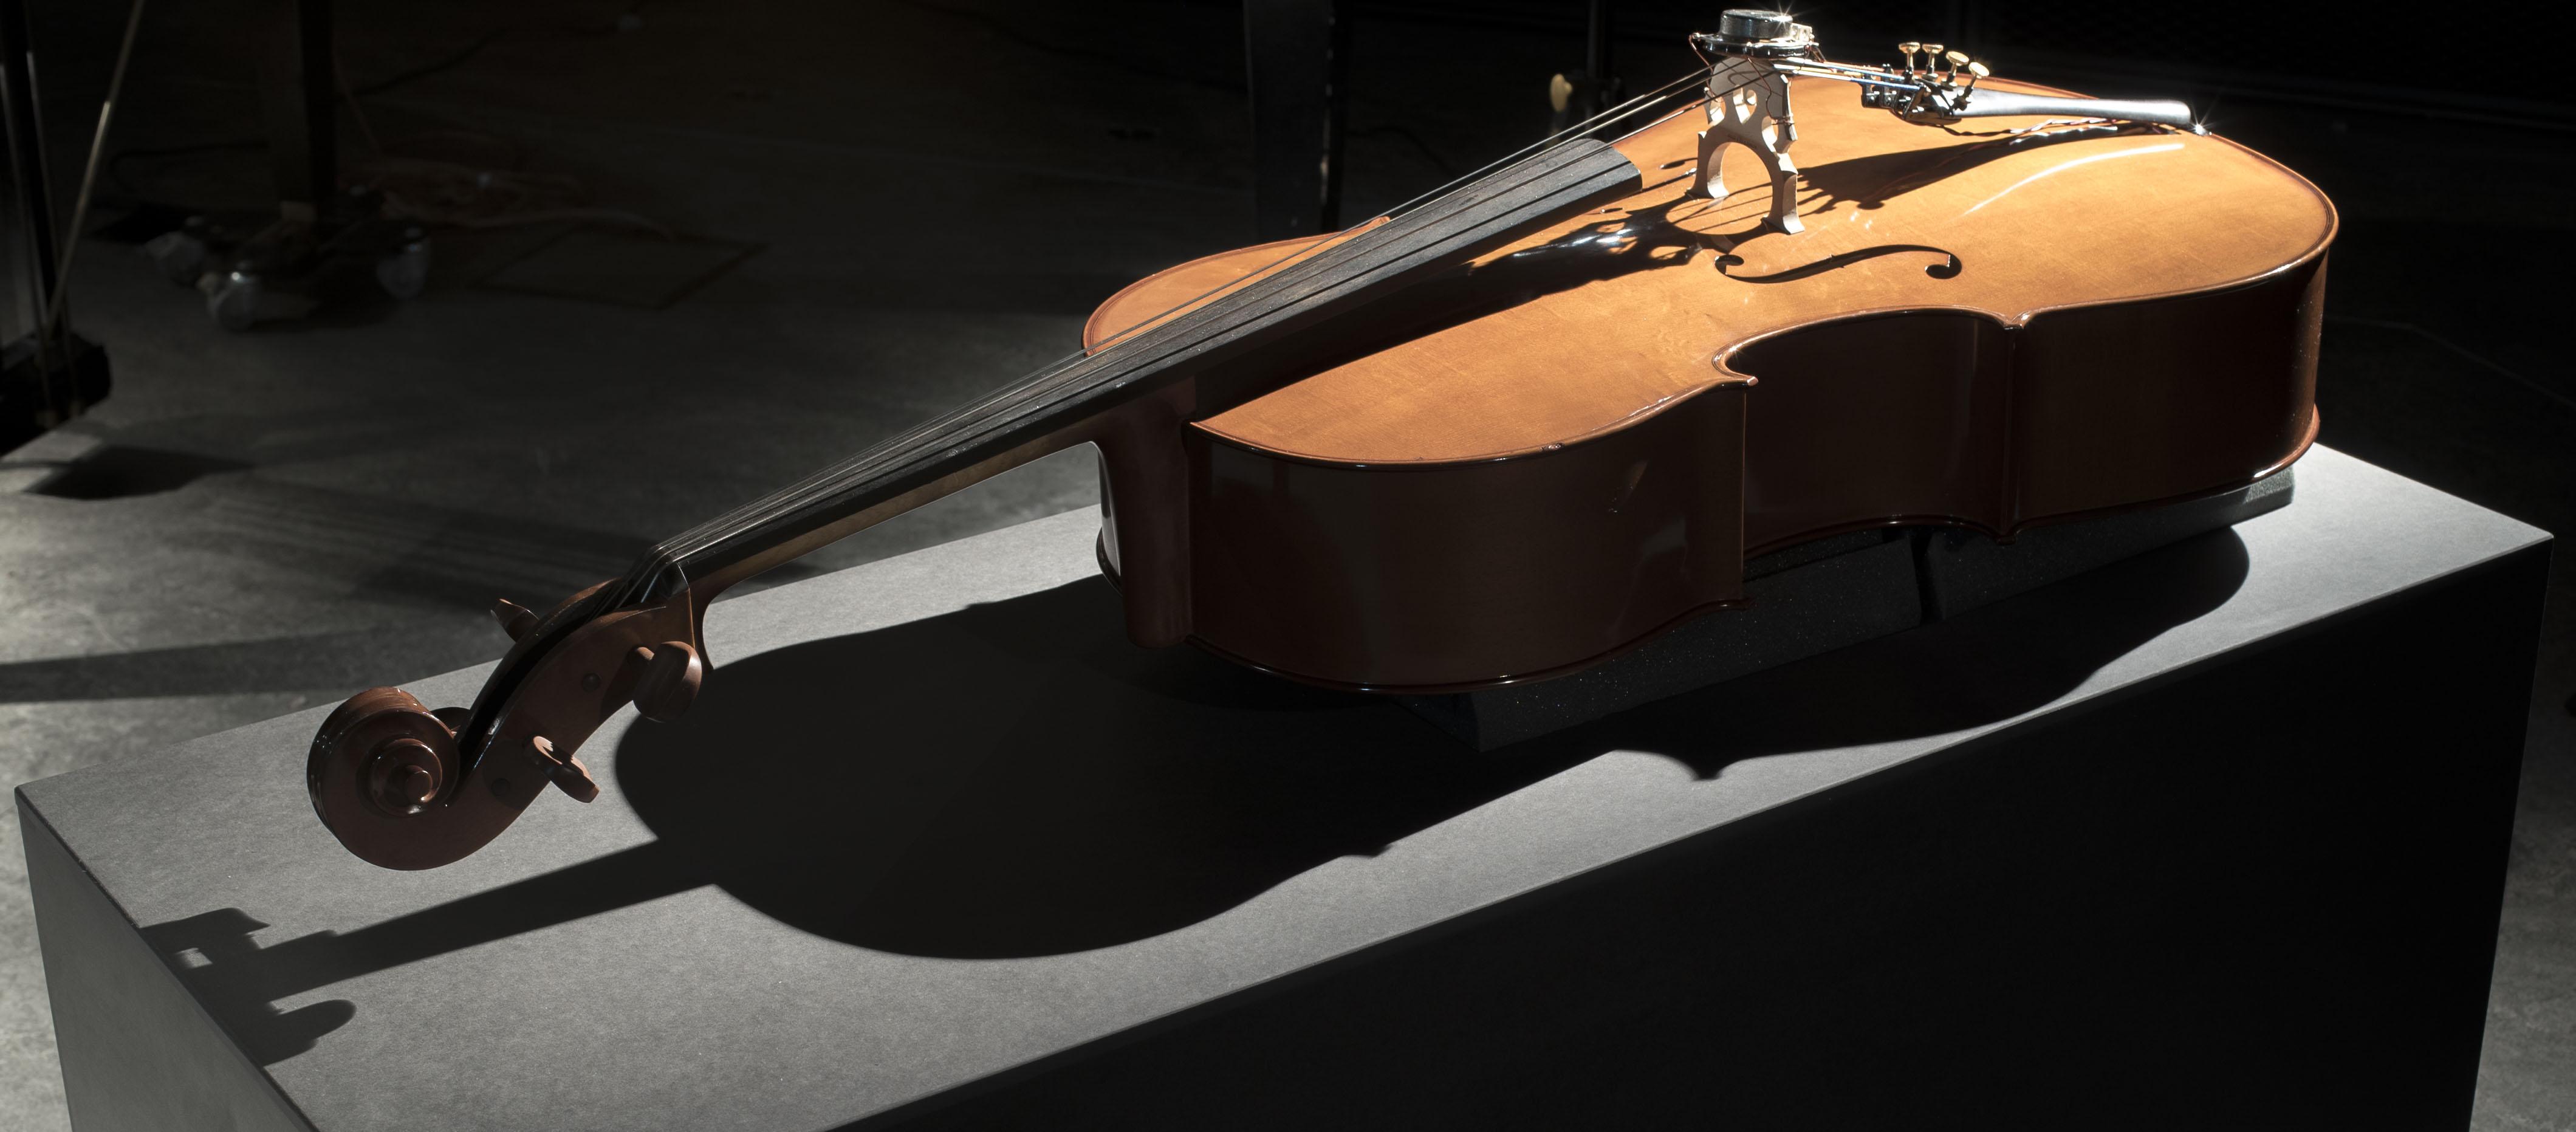 Vox-Nihili-Violoncello-Surrogate